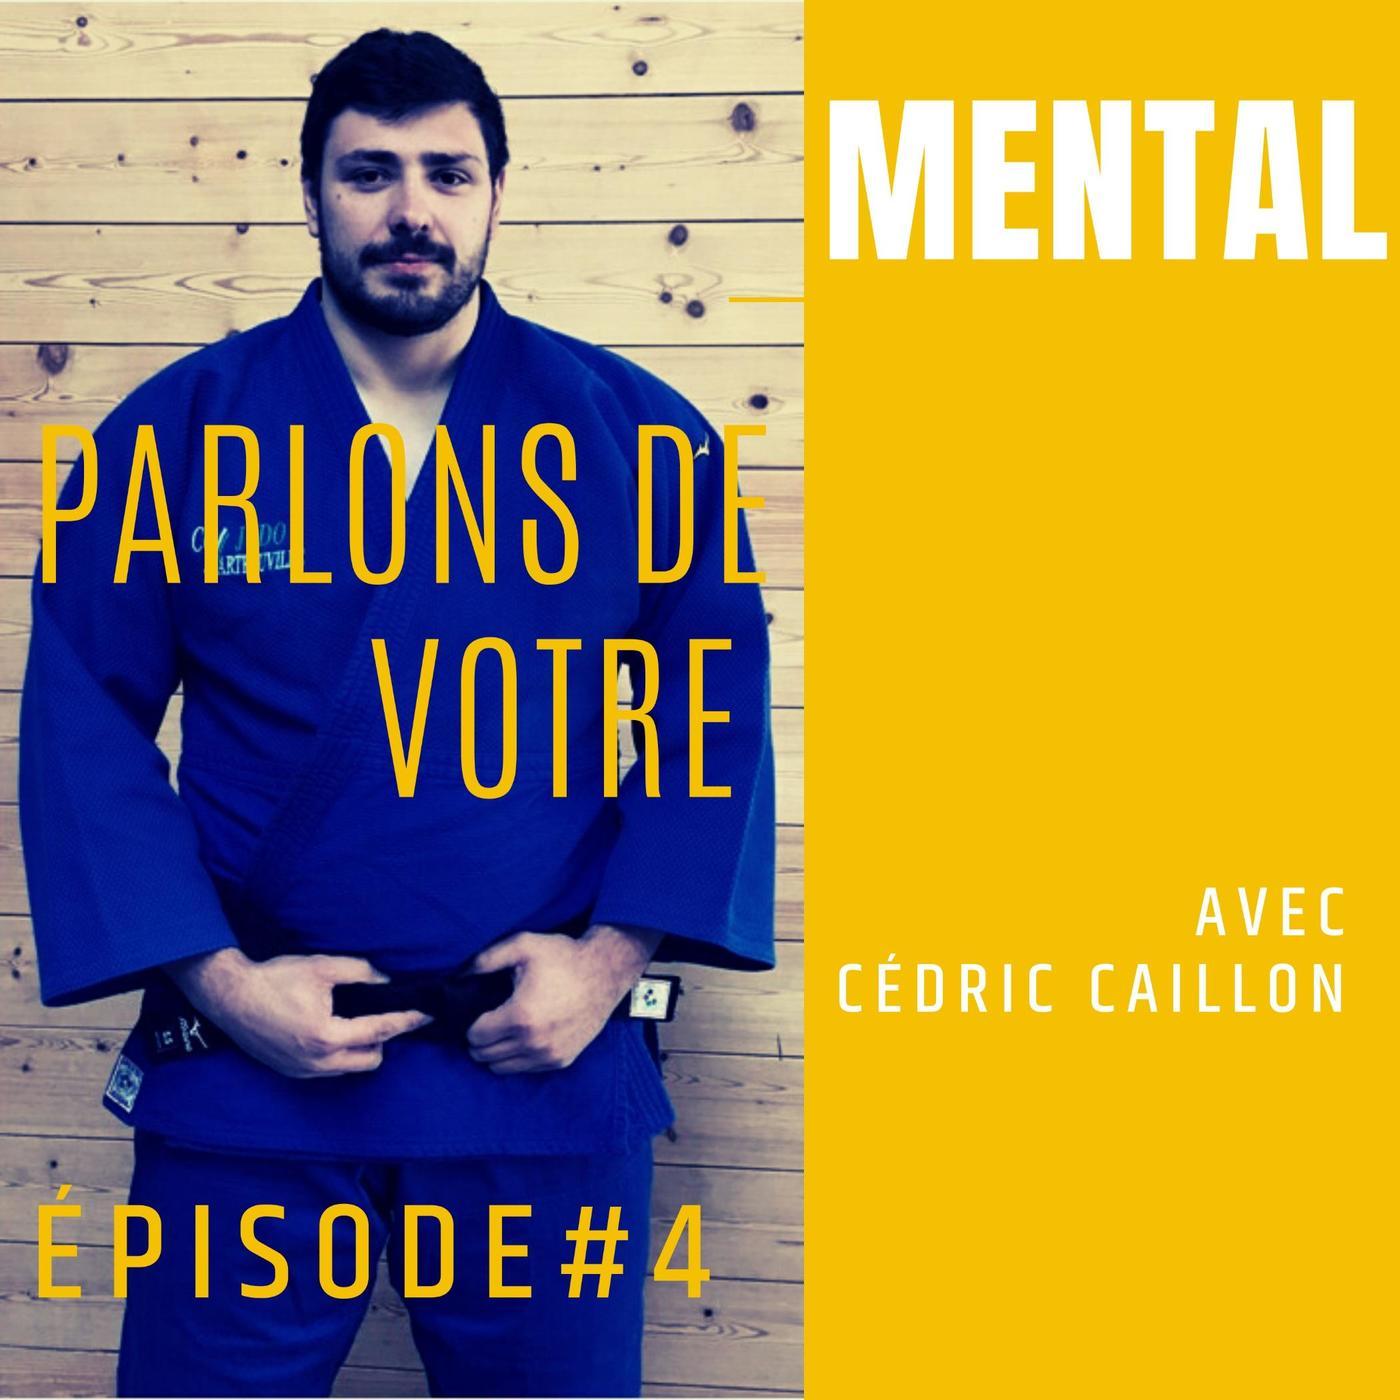 Cédric Caillon - Judoka professionnel